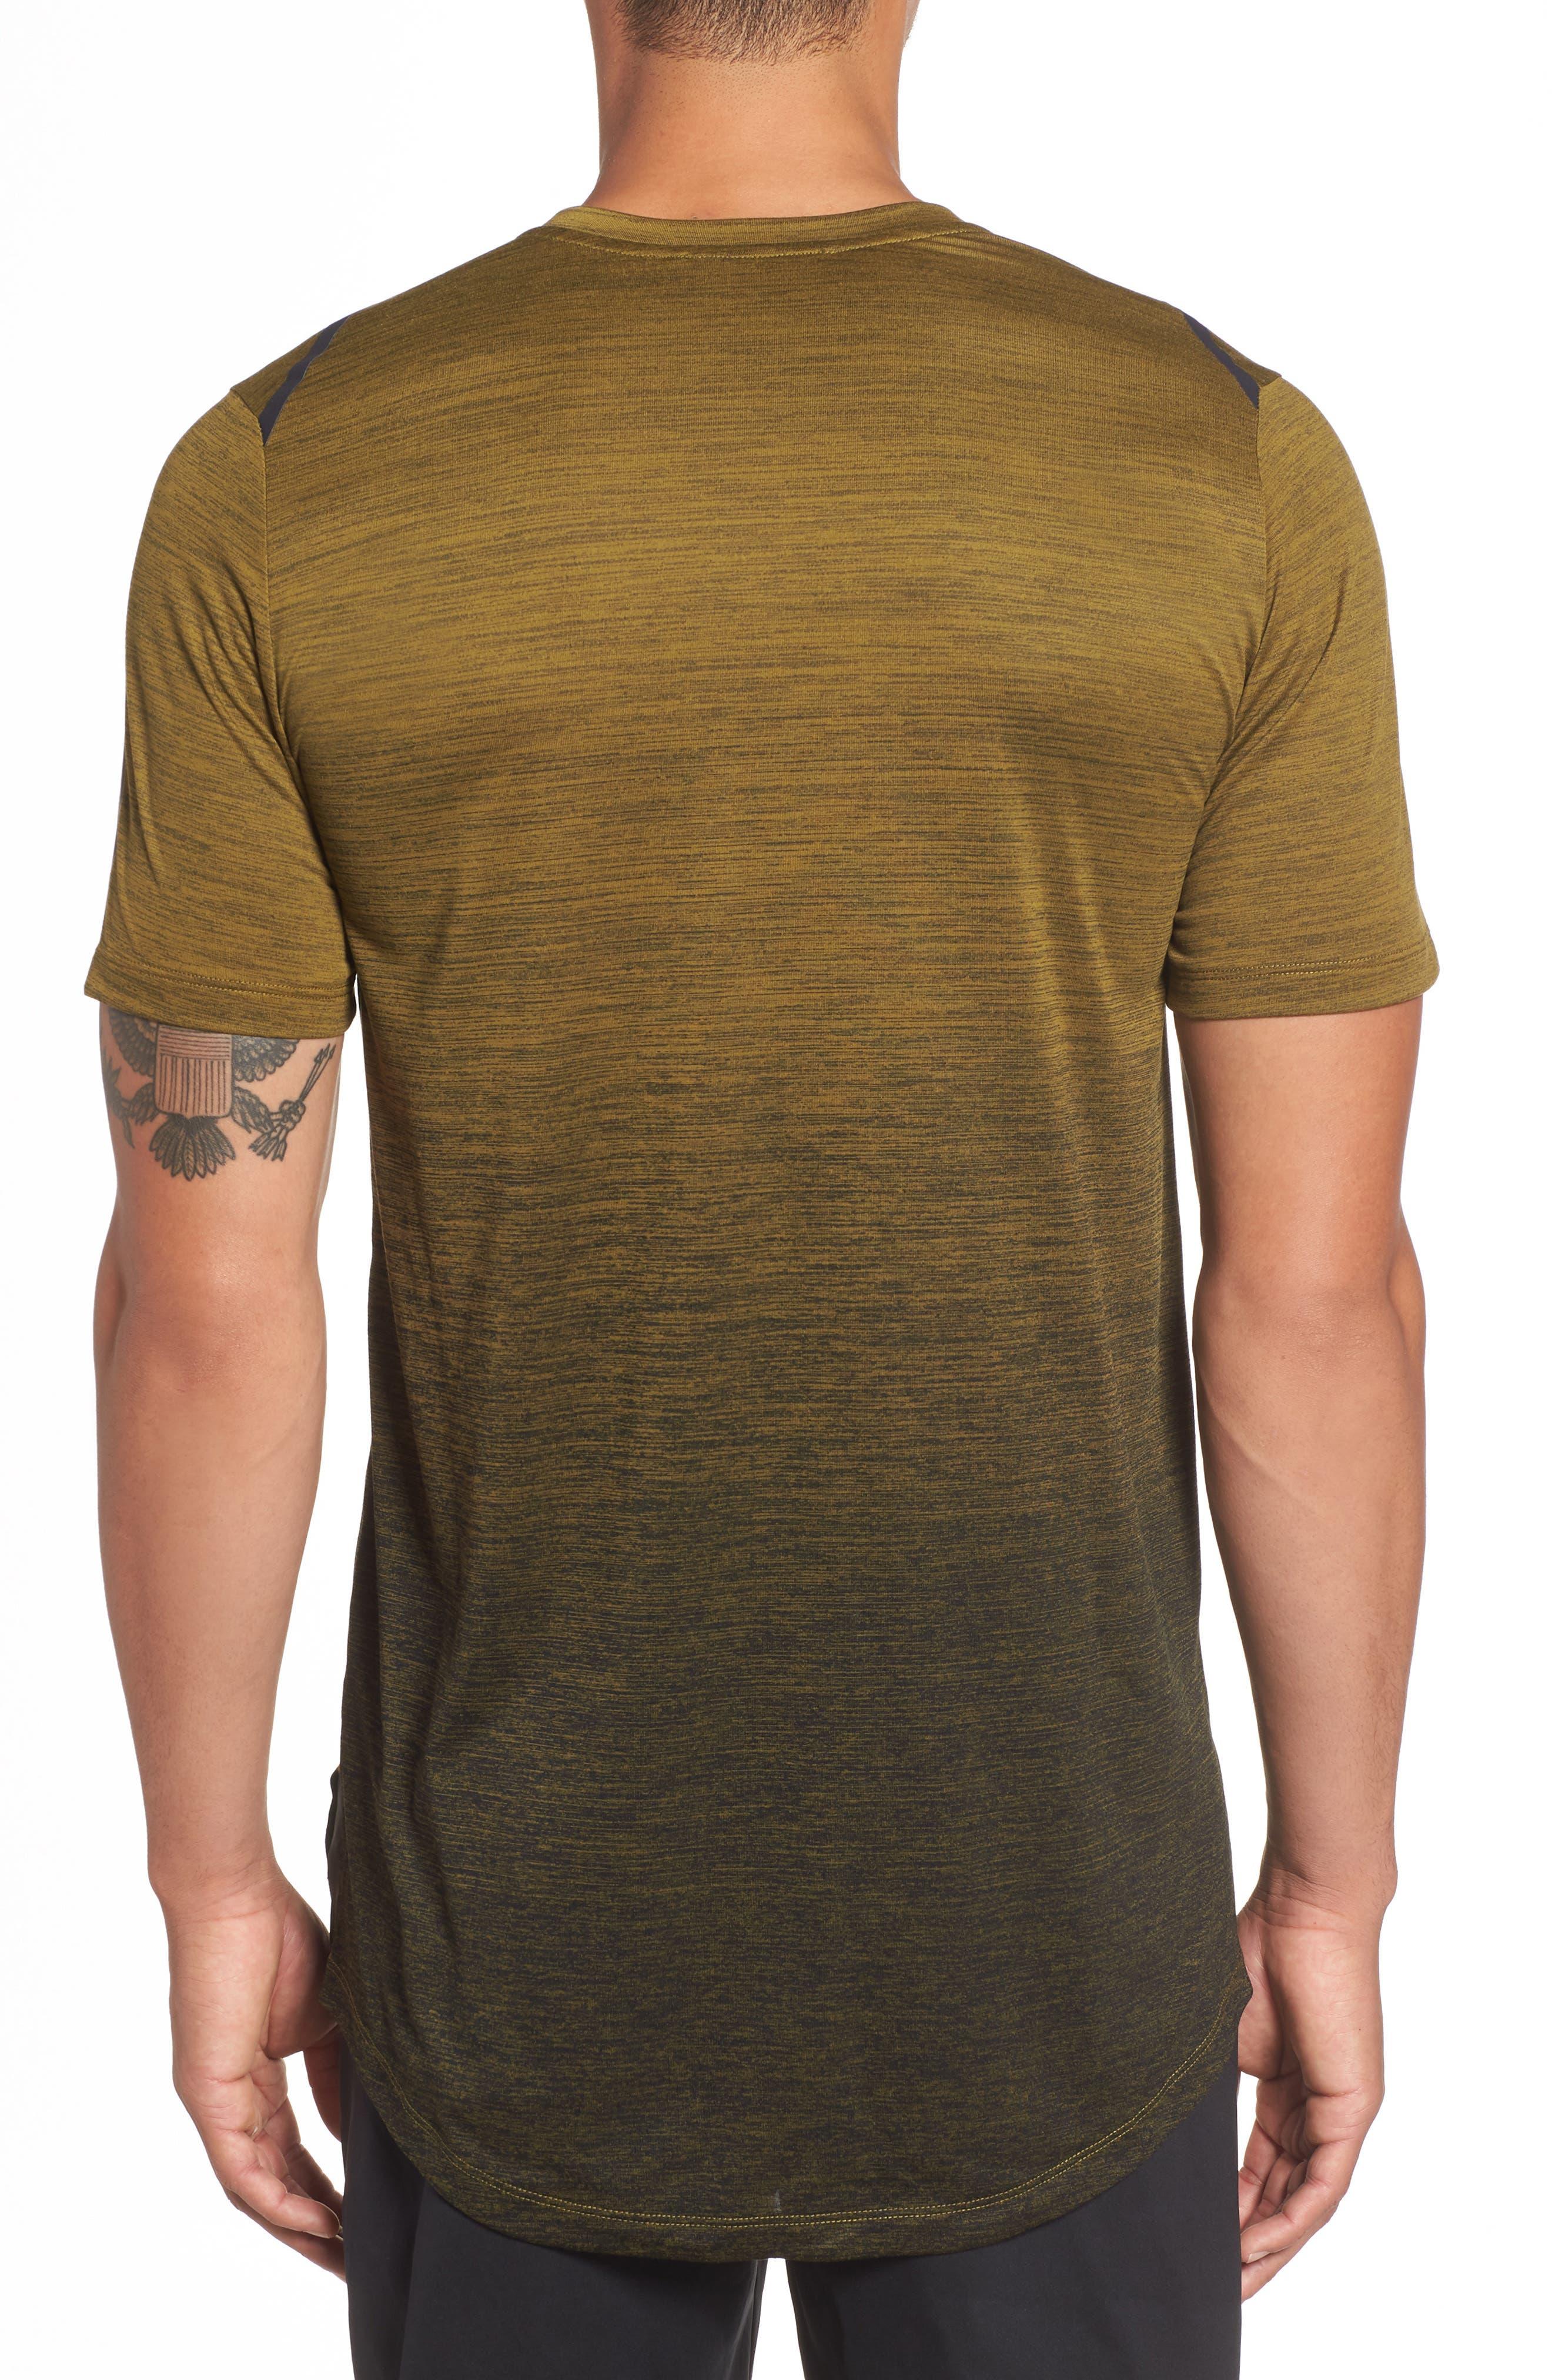 NIKE, Dry Max Training T-Shirt, Alternate thumbnail 2, color, OLIVE FLAK/ BLACK/ COBALT